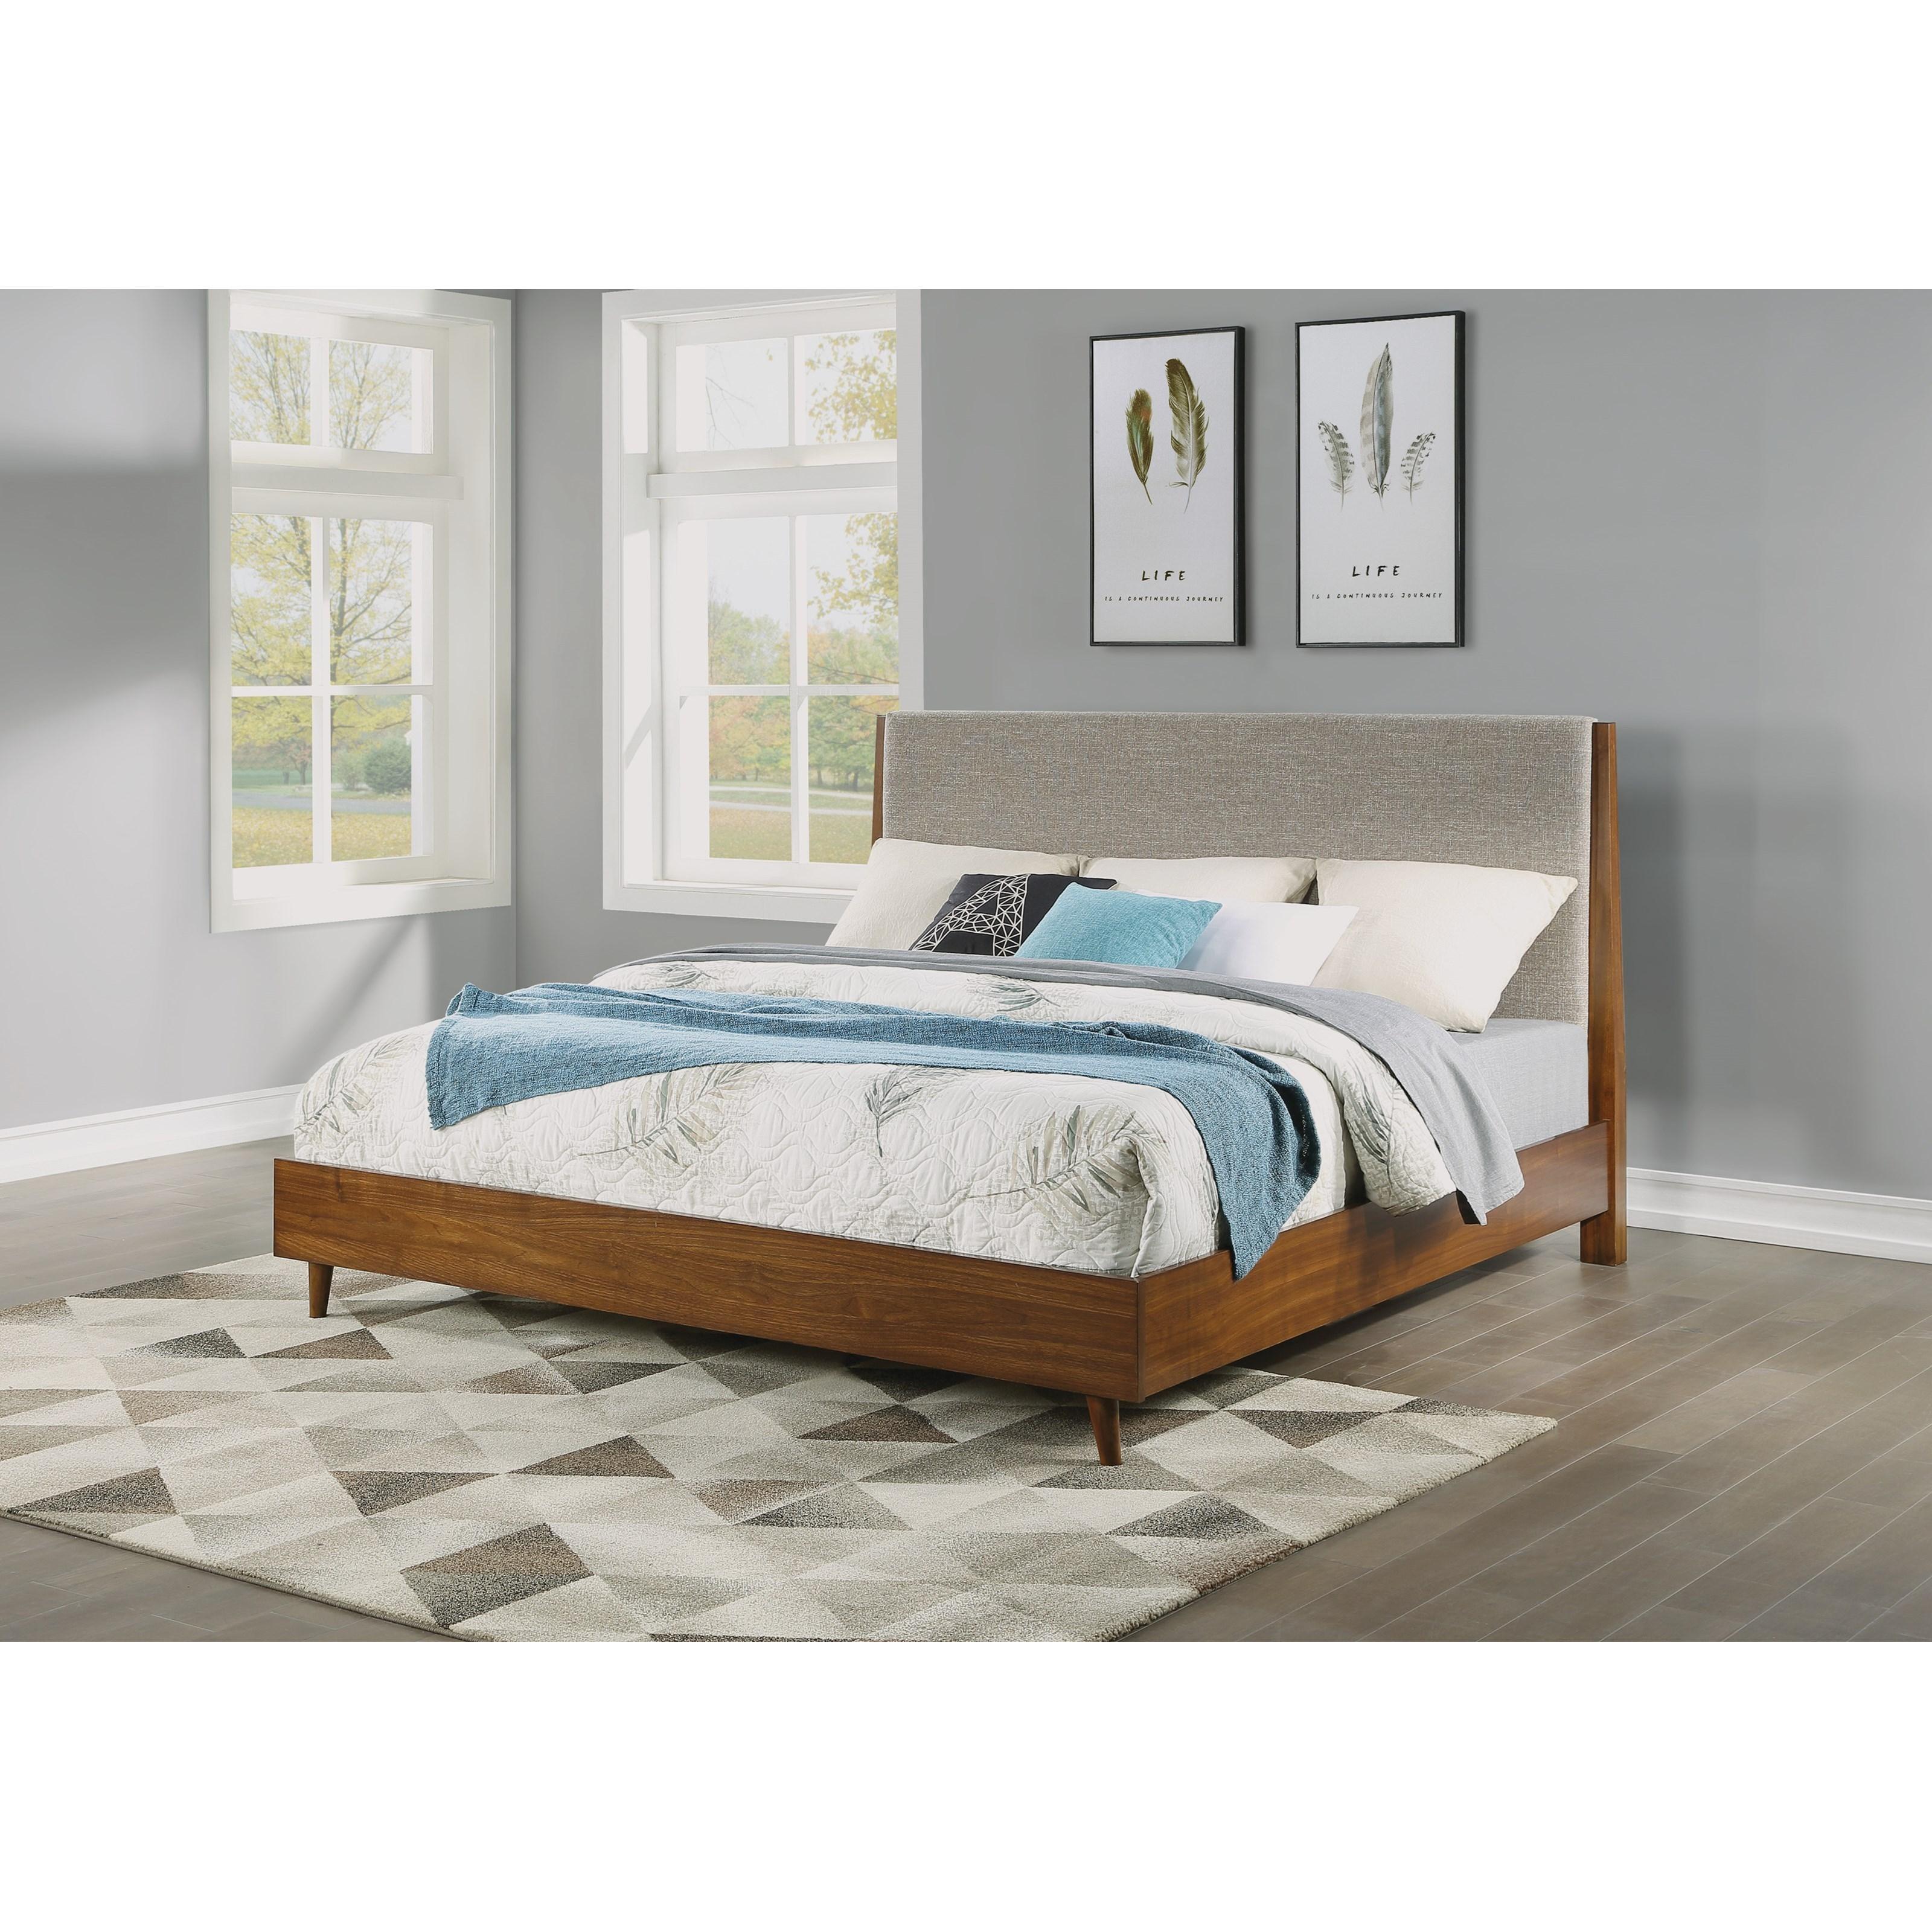 carmen carmen queen upholstered bed